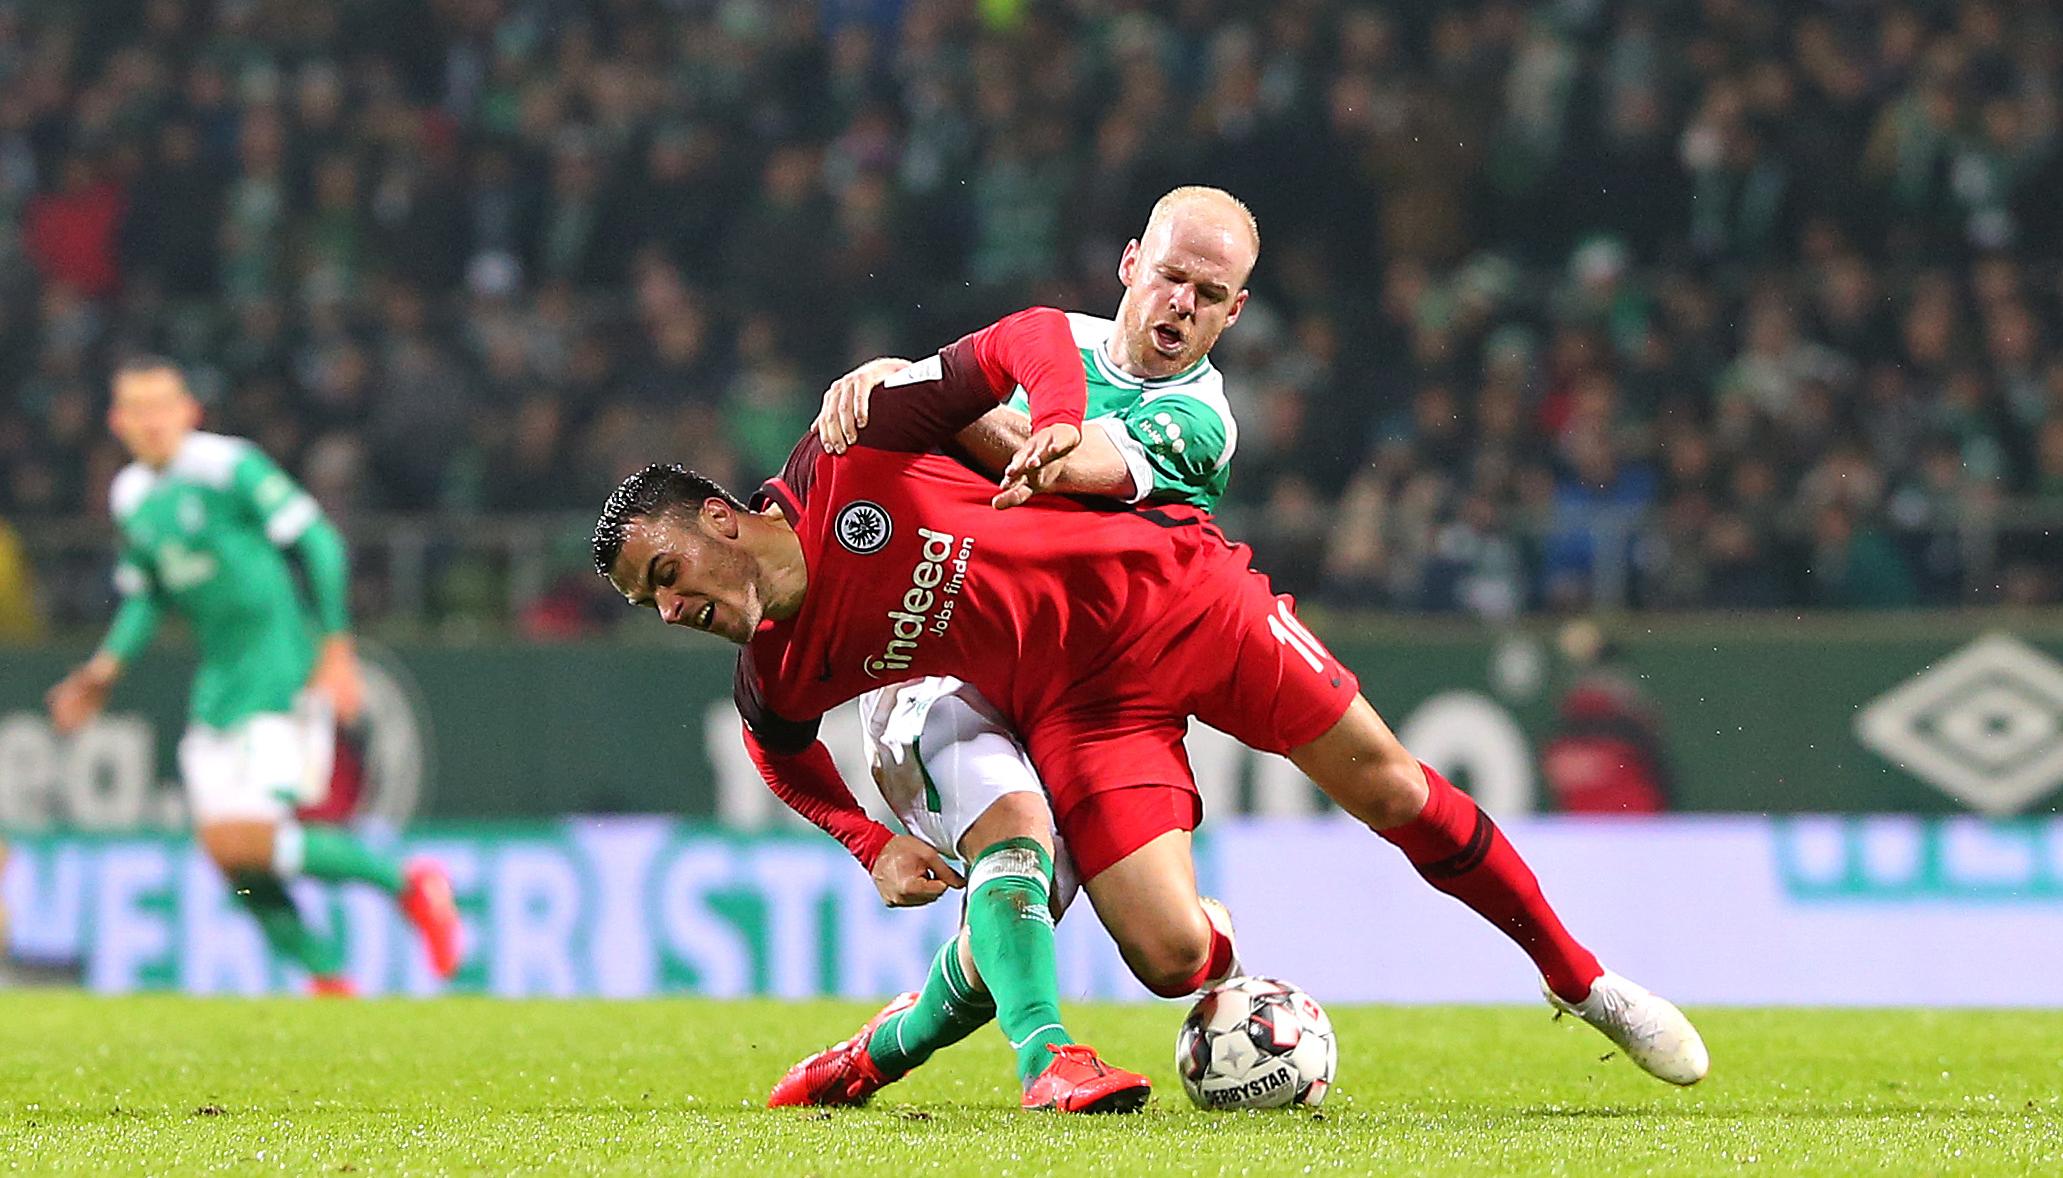 Werder Bremen – Eintracht Frankfurt: Versenken die Hessen das sinkende SVW-Schiff endgültig?